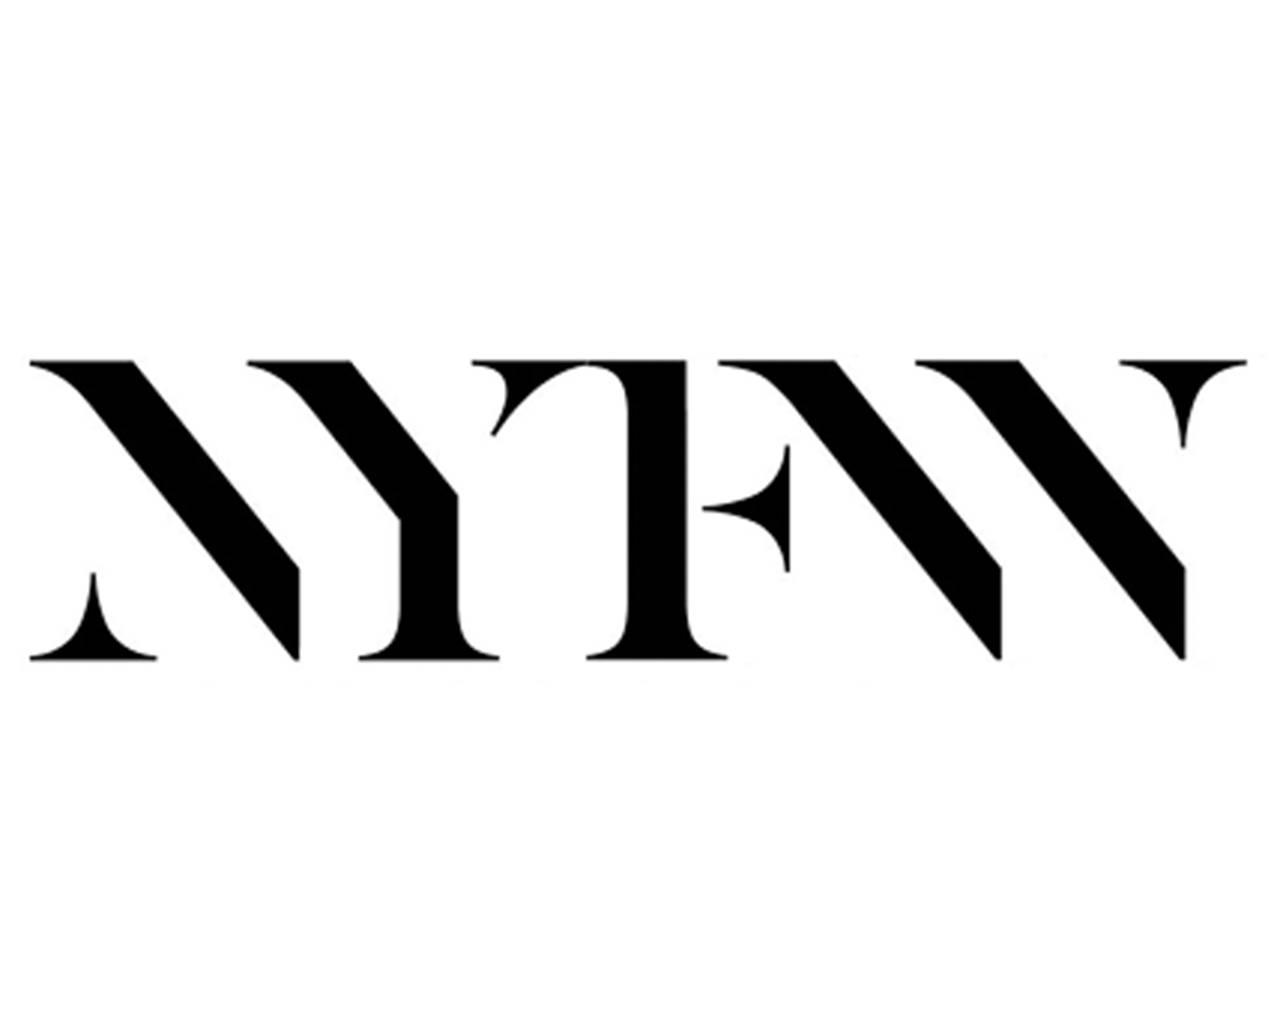 New York Fashion Week 2021 Featured Collection Epimonia